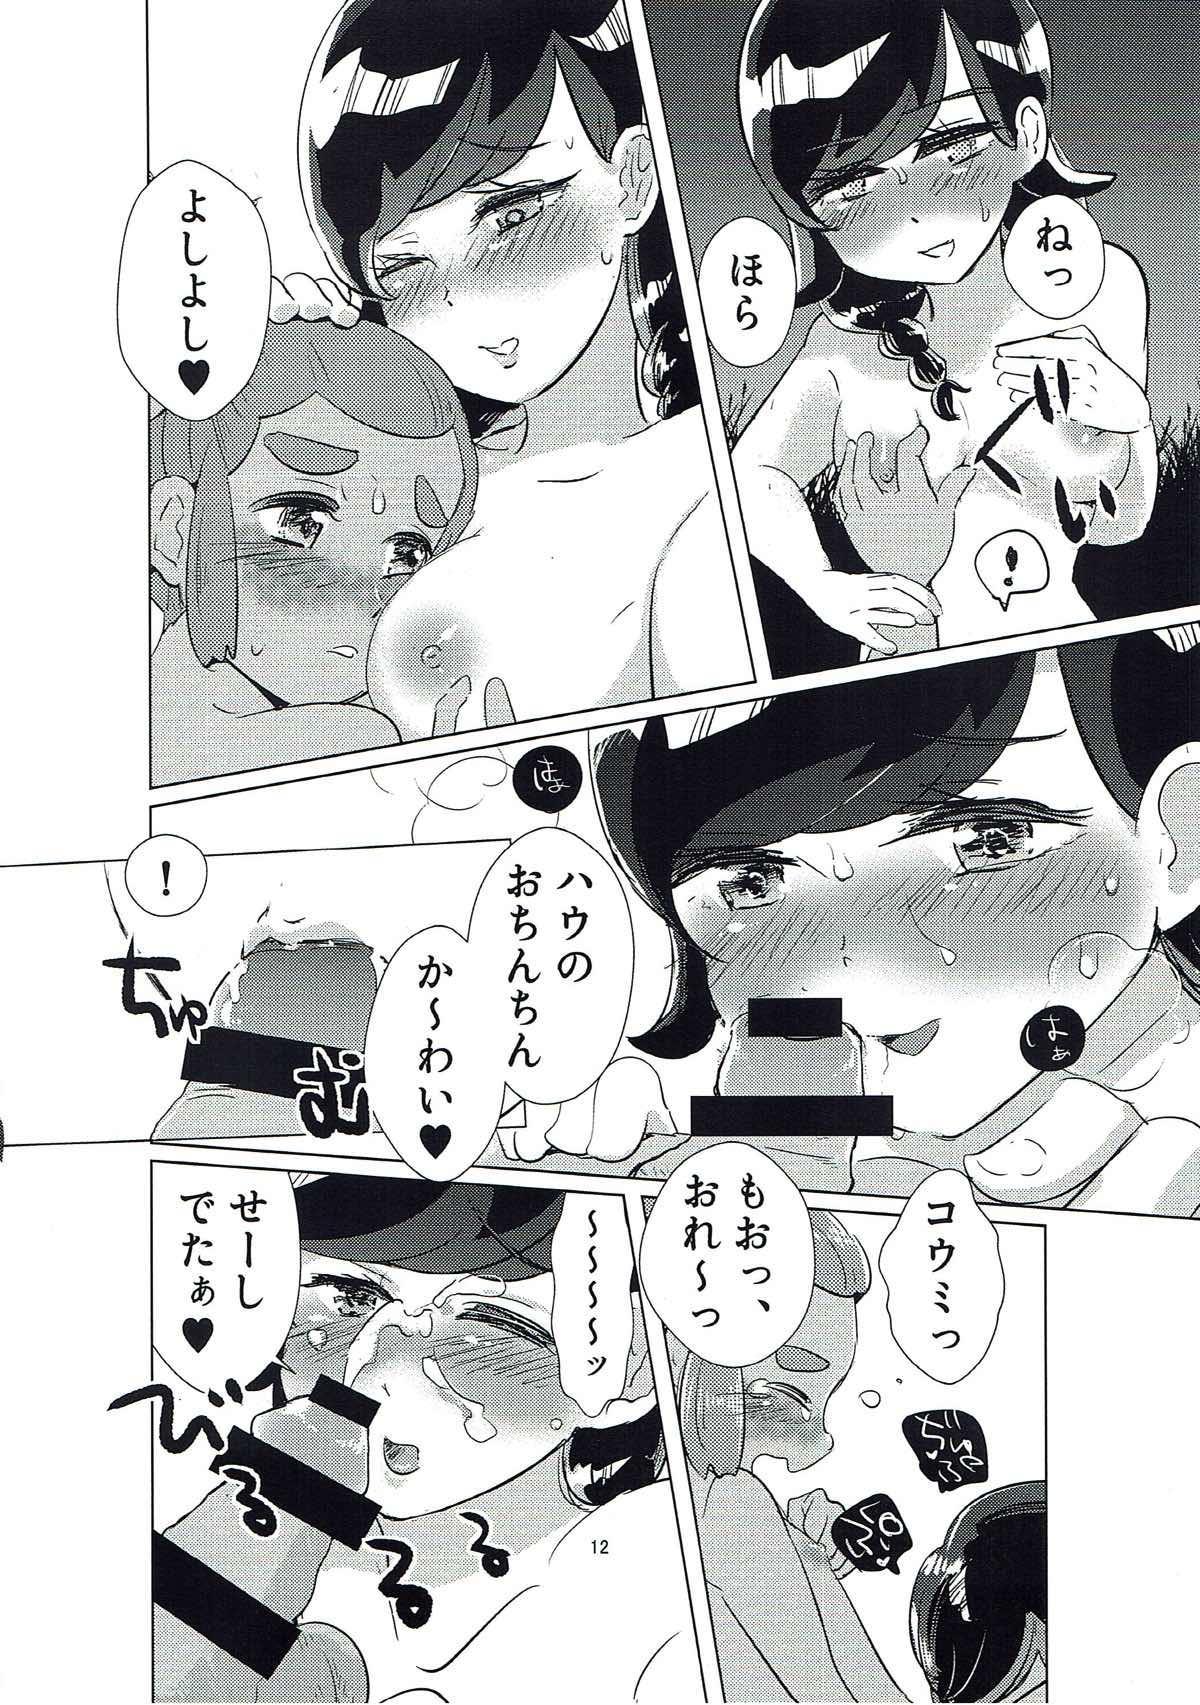 Koumi no Maramarasai Daikikou 10